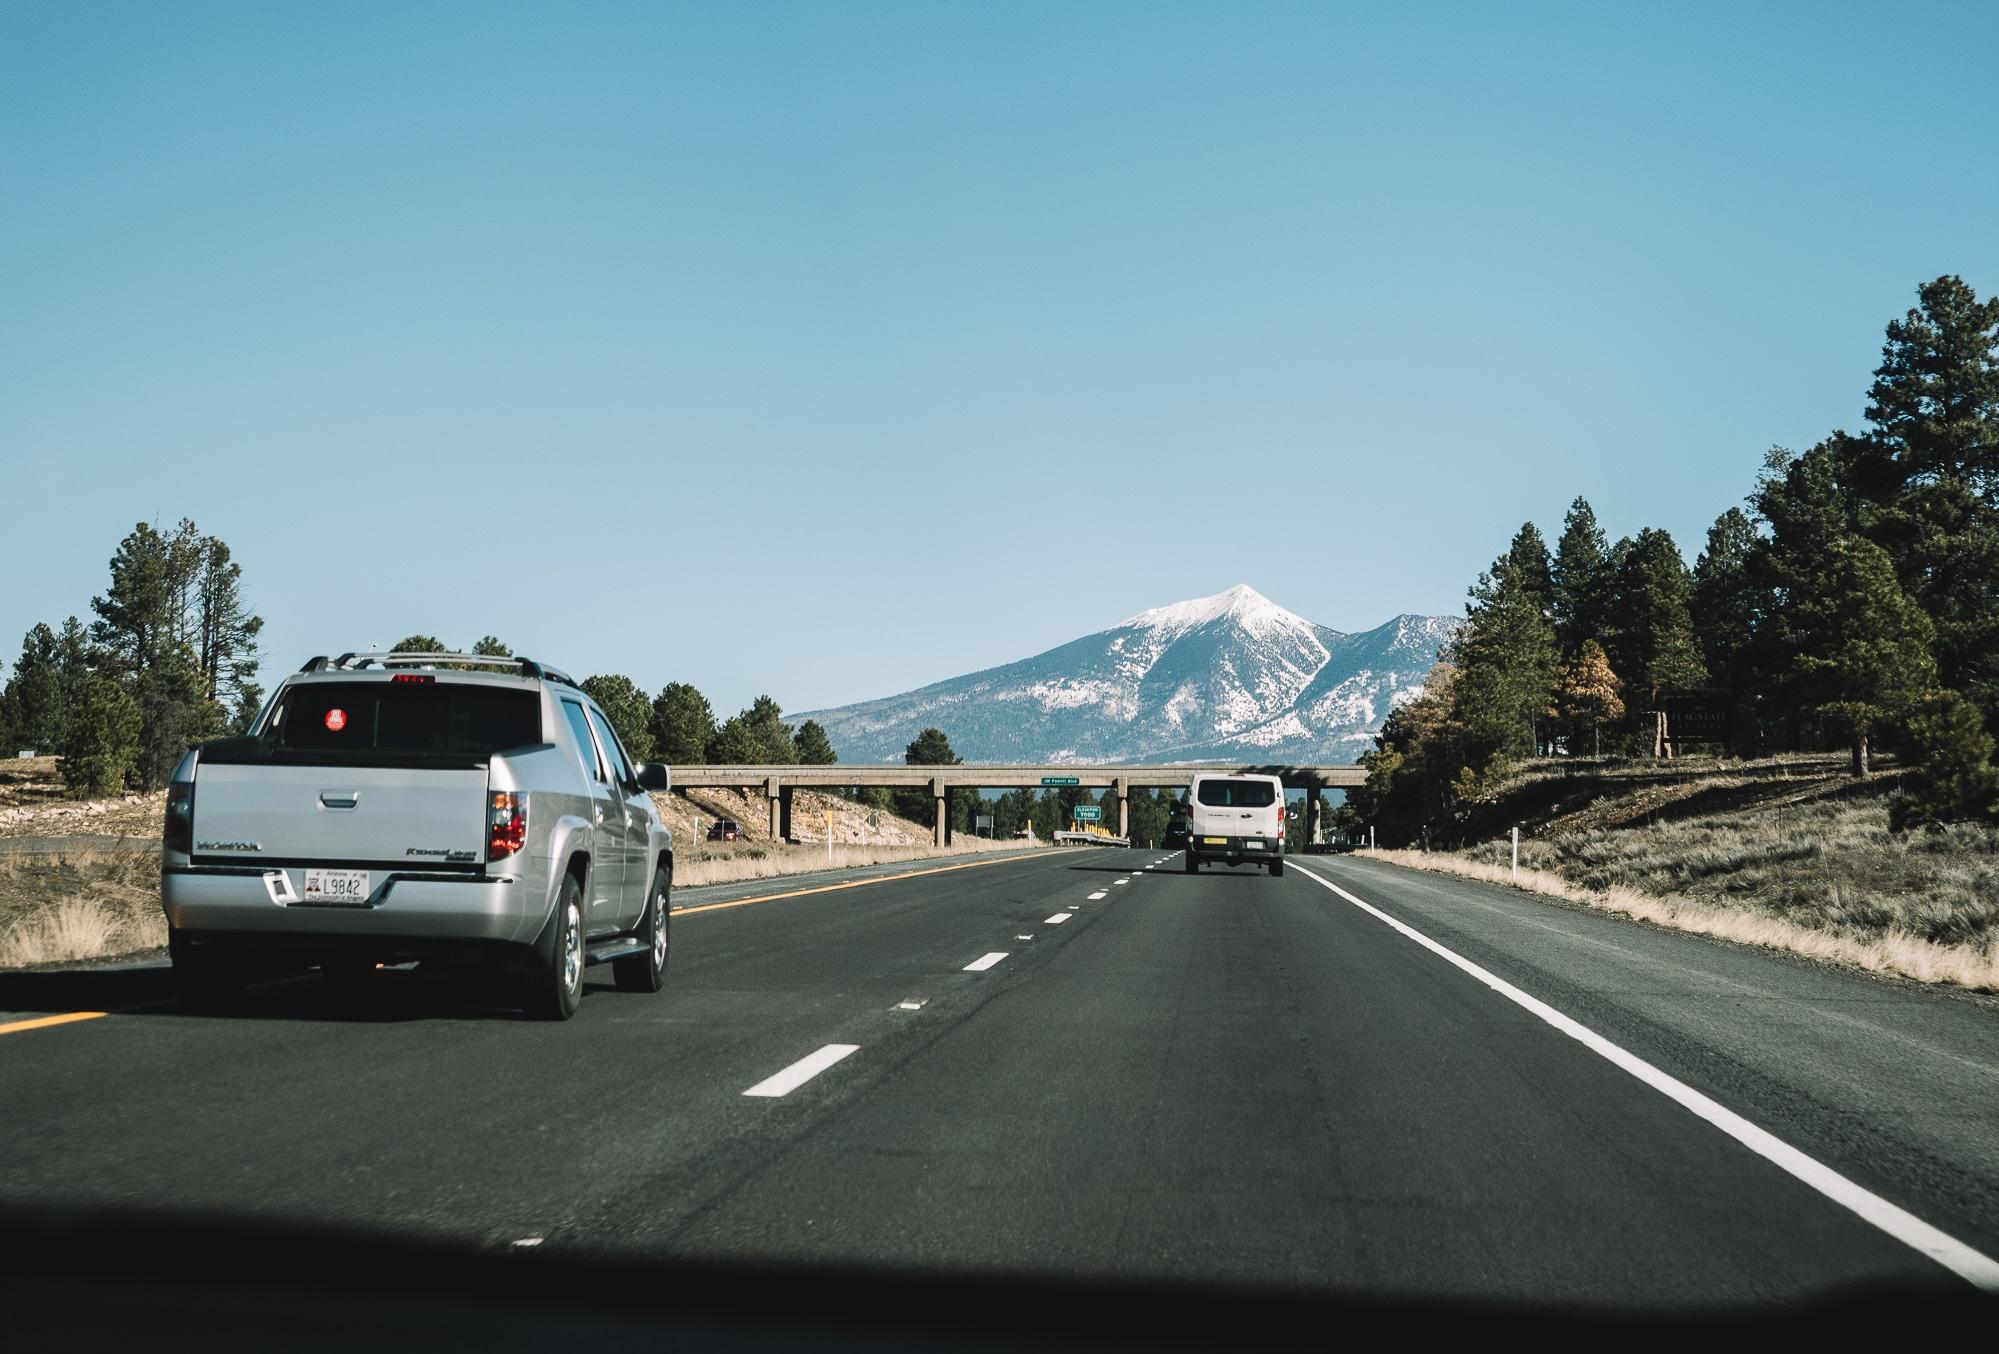 Roadtrip en arizona-roadtrip ouest americain-visiter l'arizona-roadtrip de 8 jours en arizona-Route 66